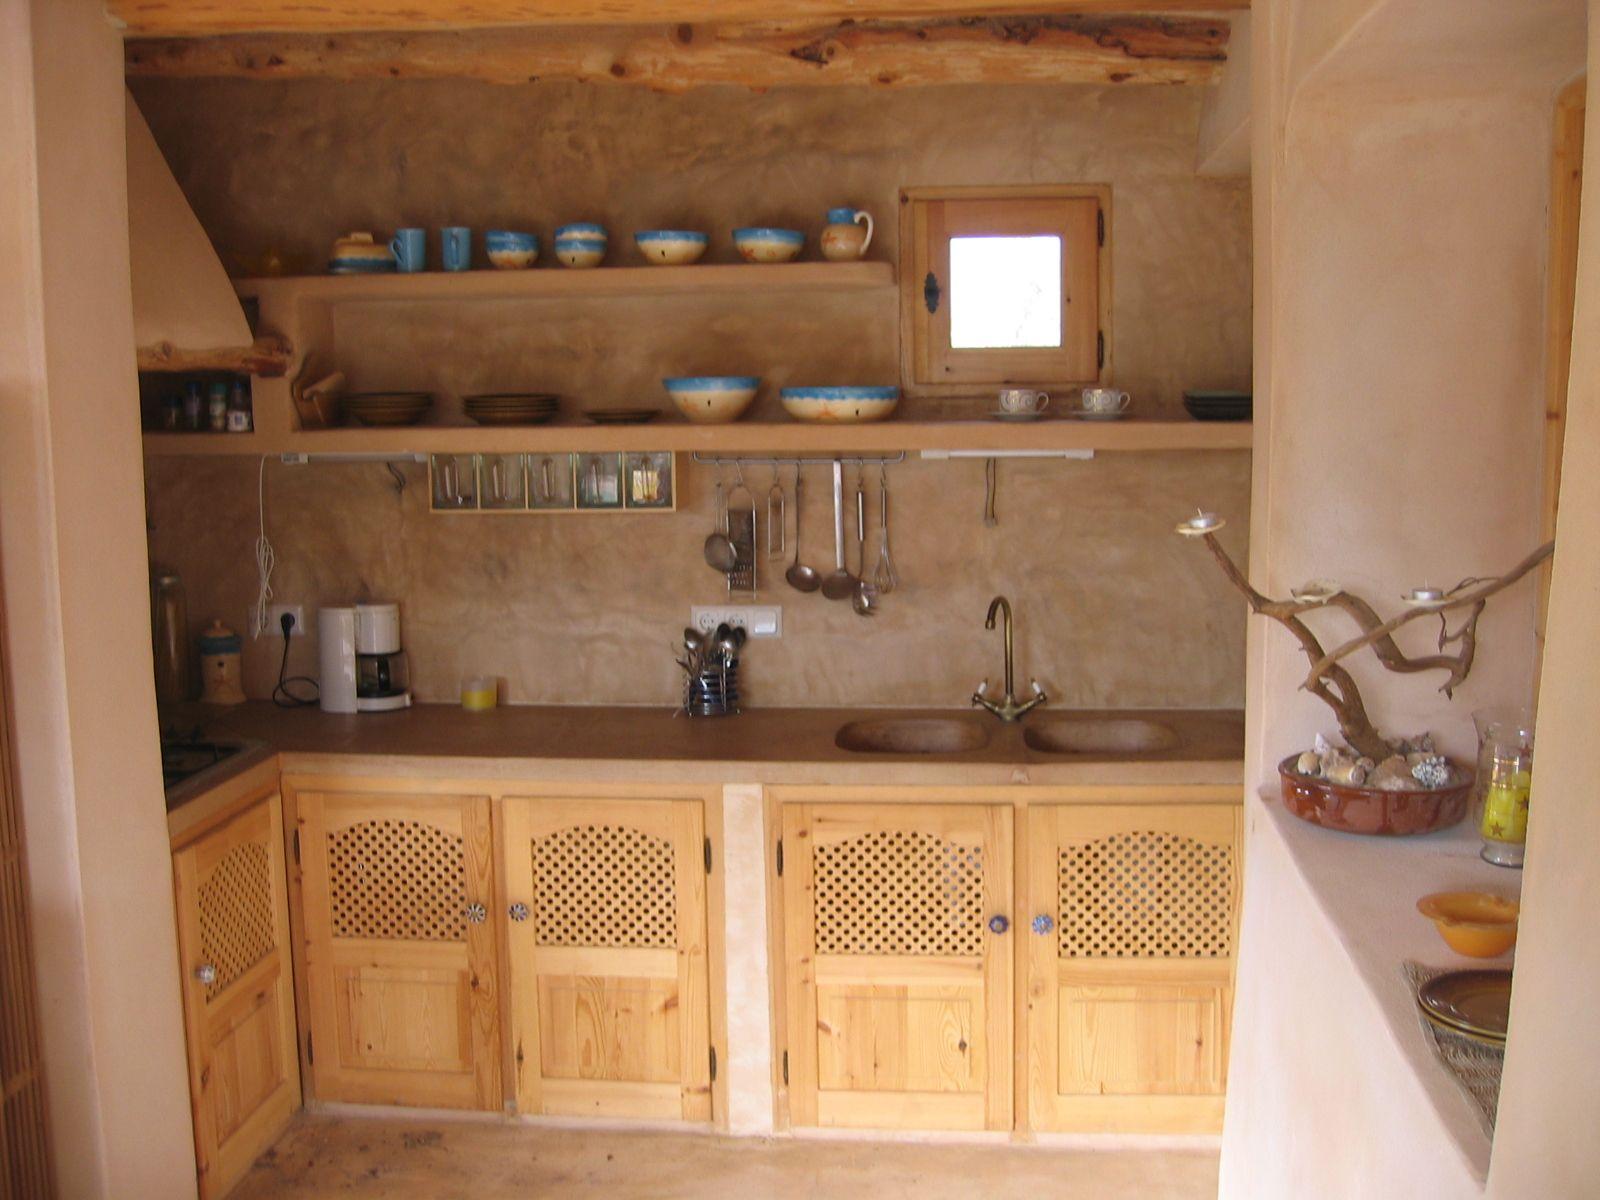 gemauerte k che kittchen pinterest gemauerte k che k che und wohnk che. Black Bedroom Furniture Sets. Home Design Ideas